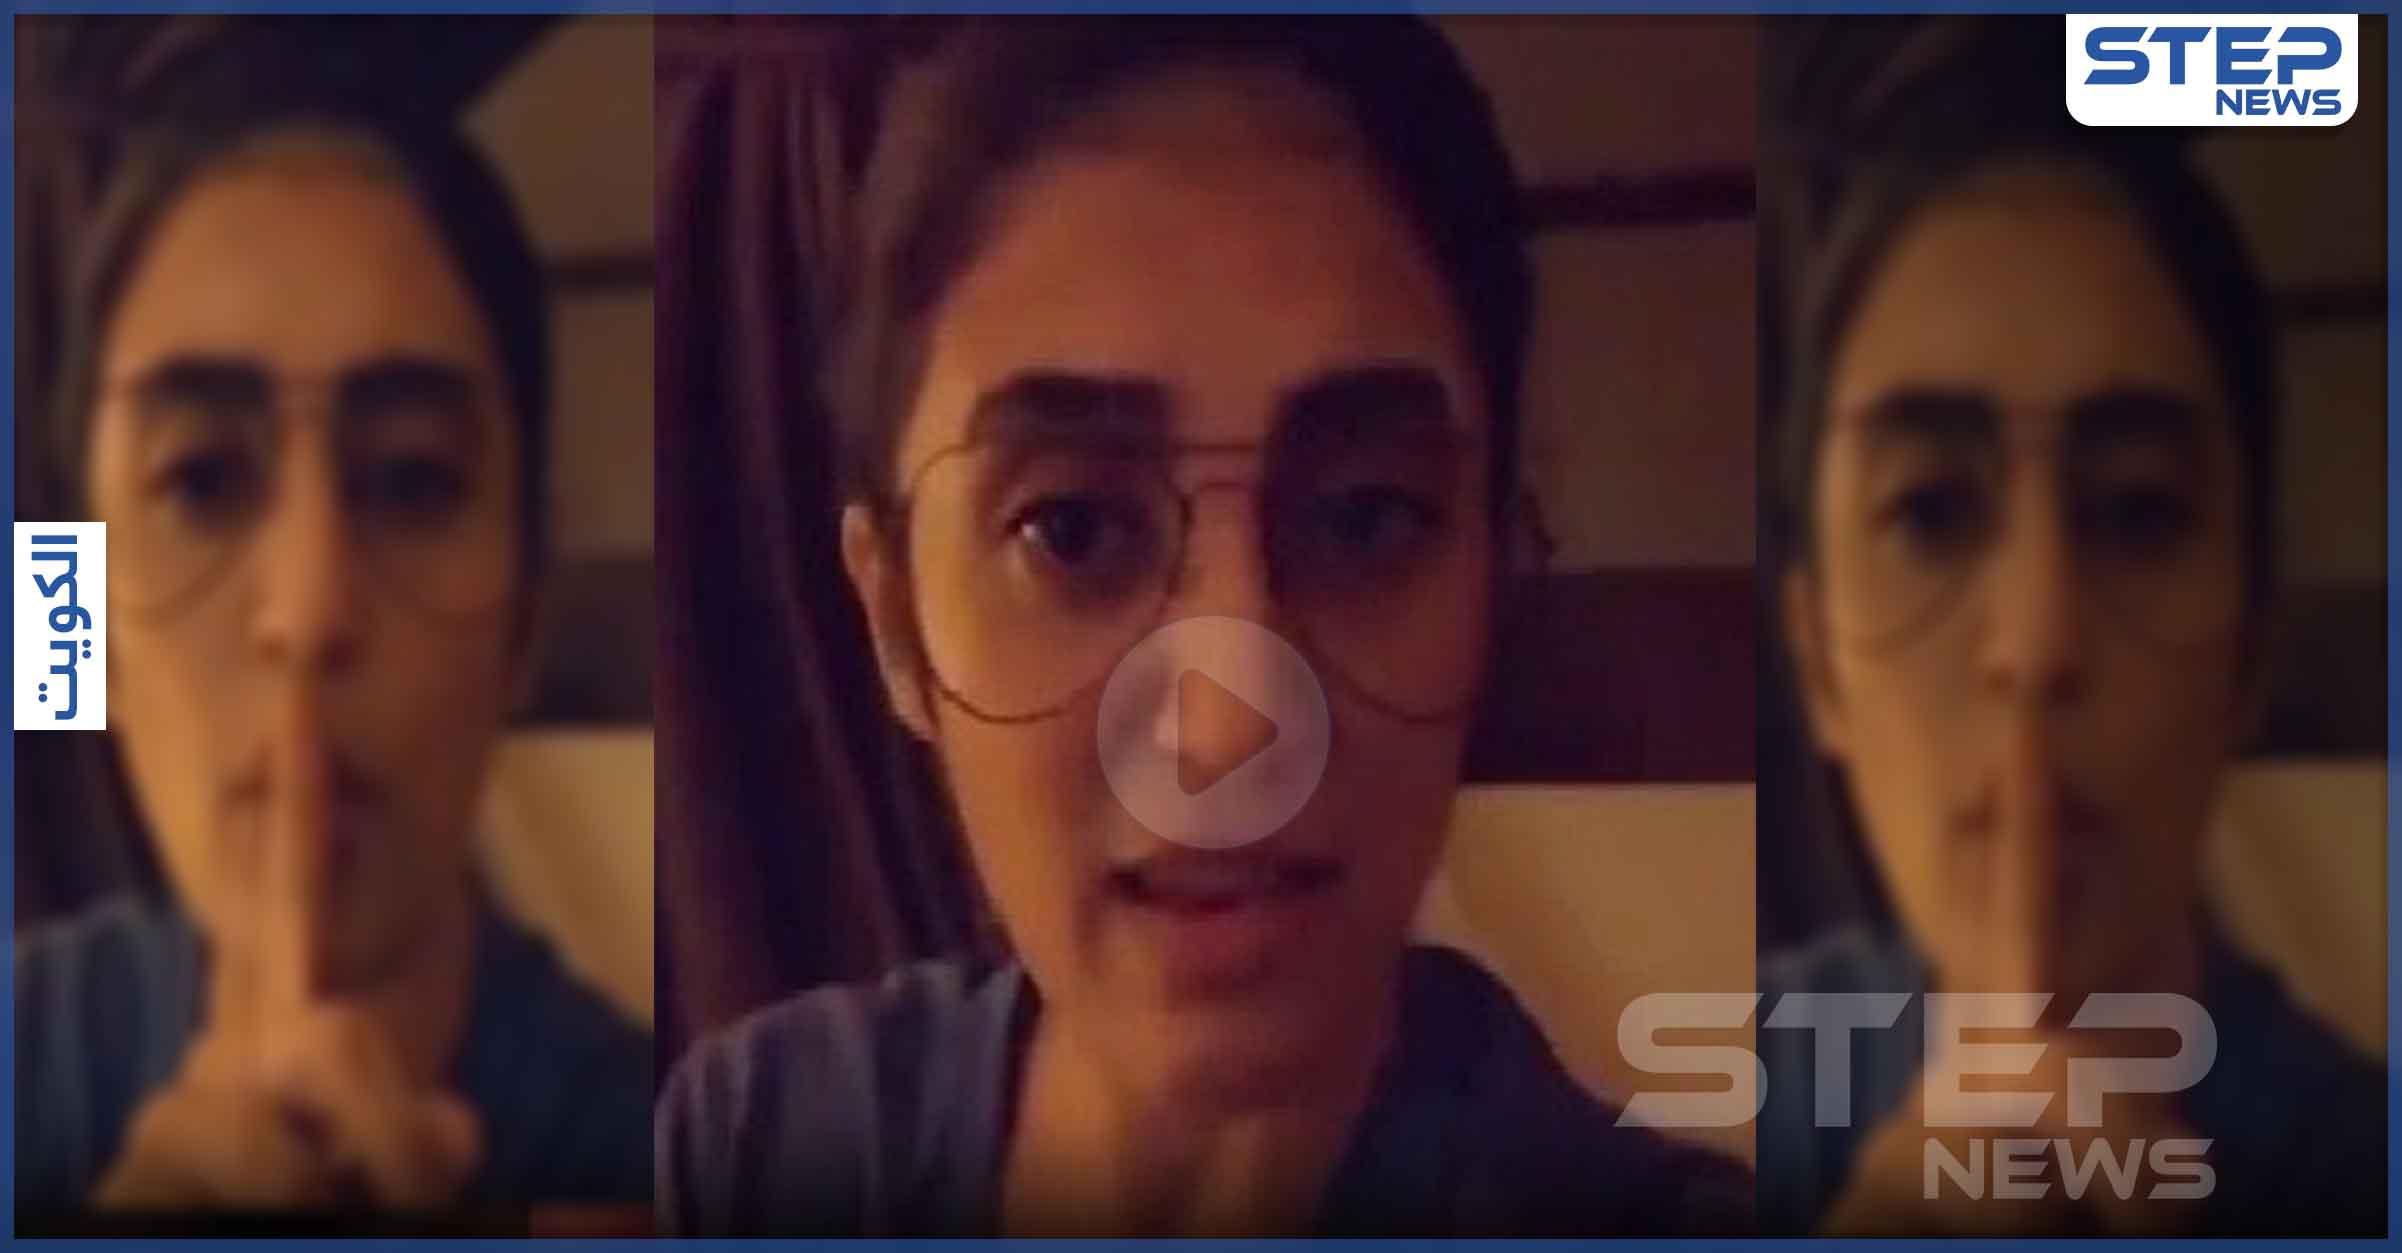 الكويتية ريم الشمري تهاجم المصريين بكلمات حادة وعنصرية وتثير الرأي العام